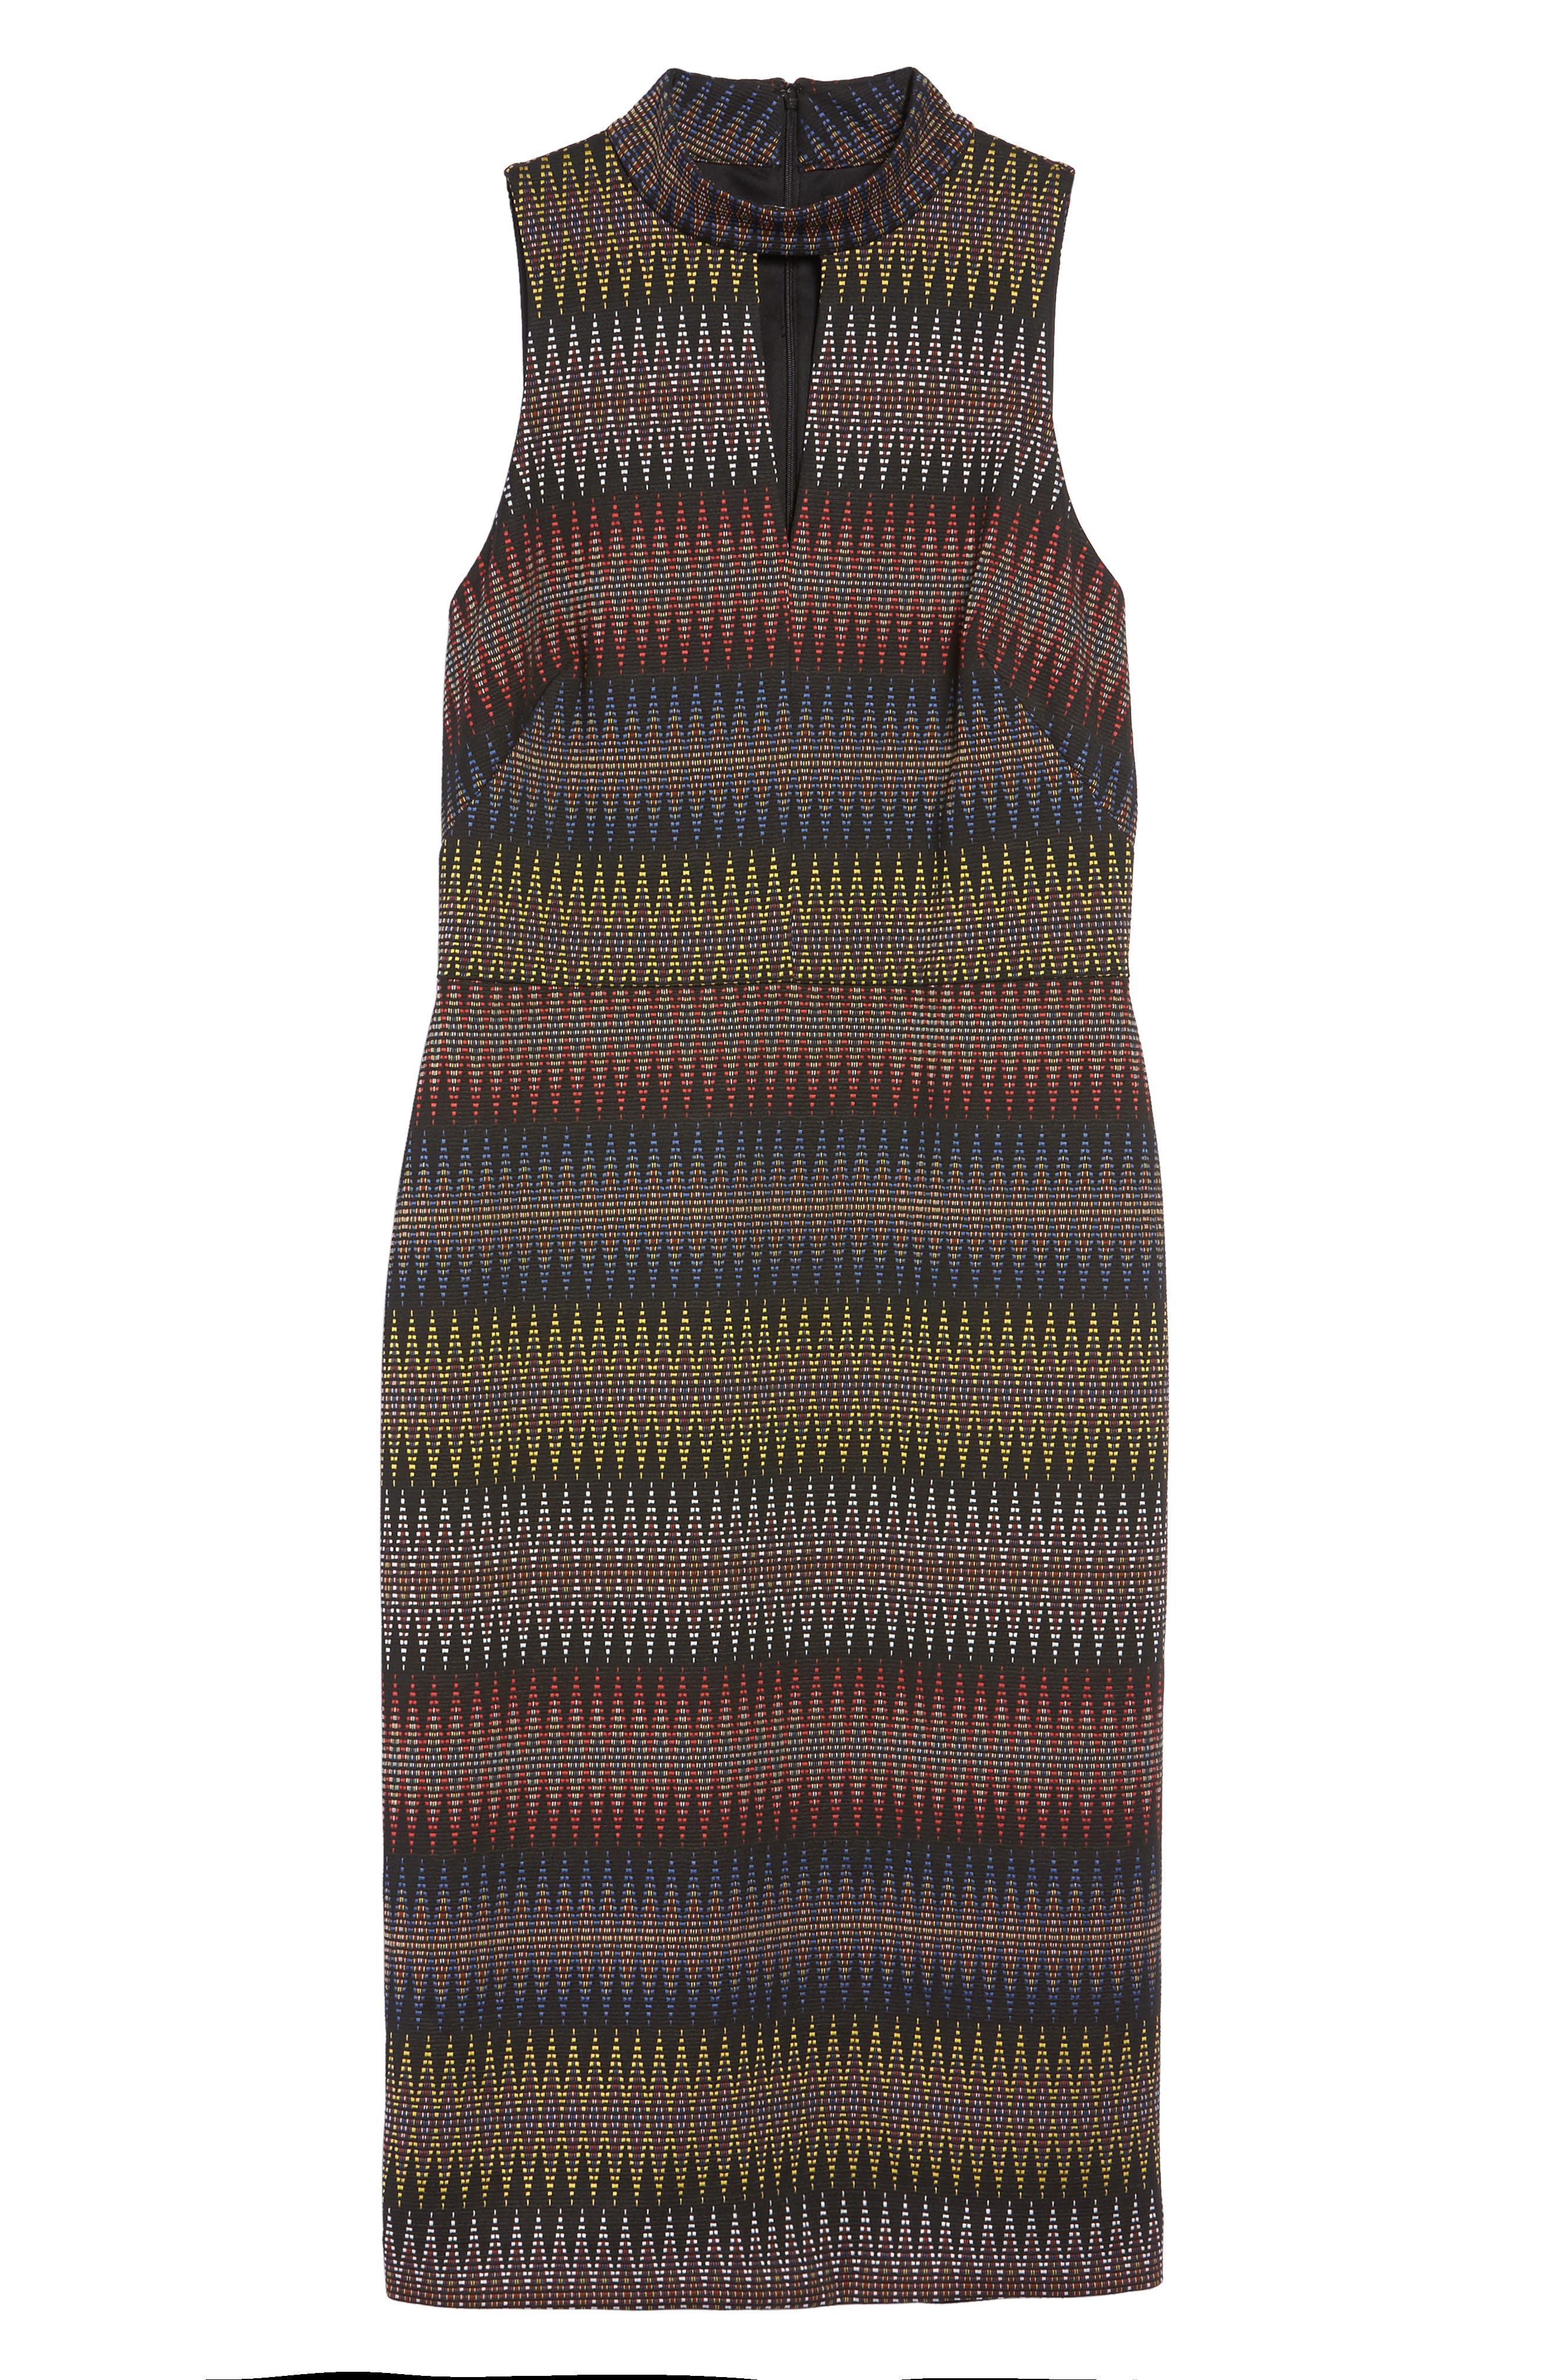 Jacquard Sheath Dress,                             Alternate thumbnail 6, color,                             001